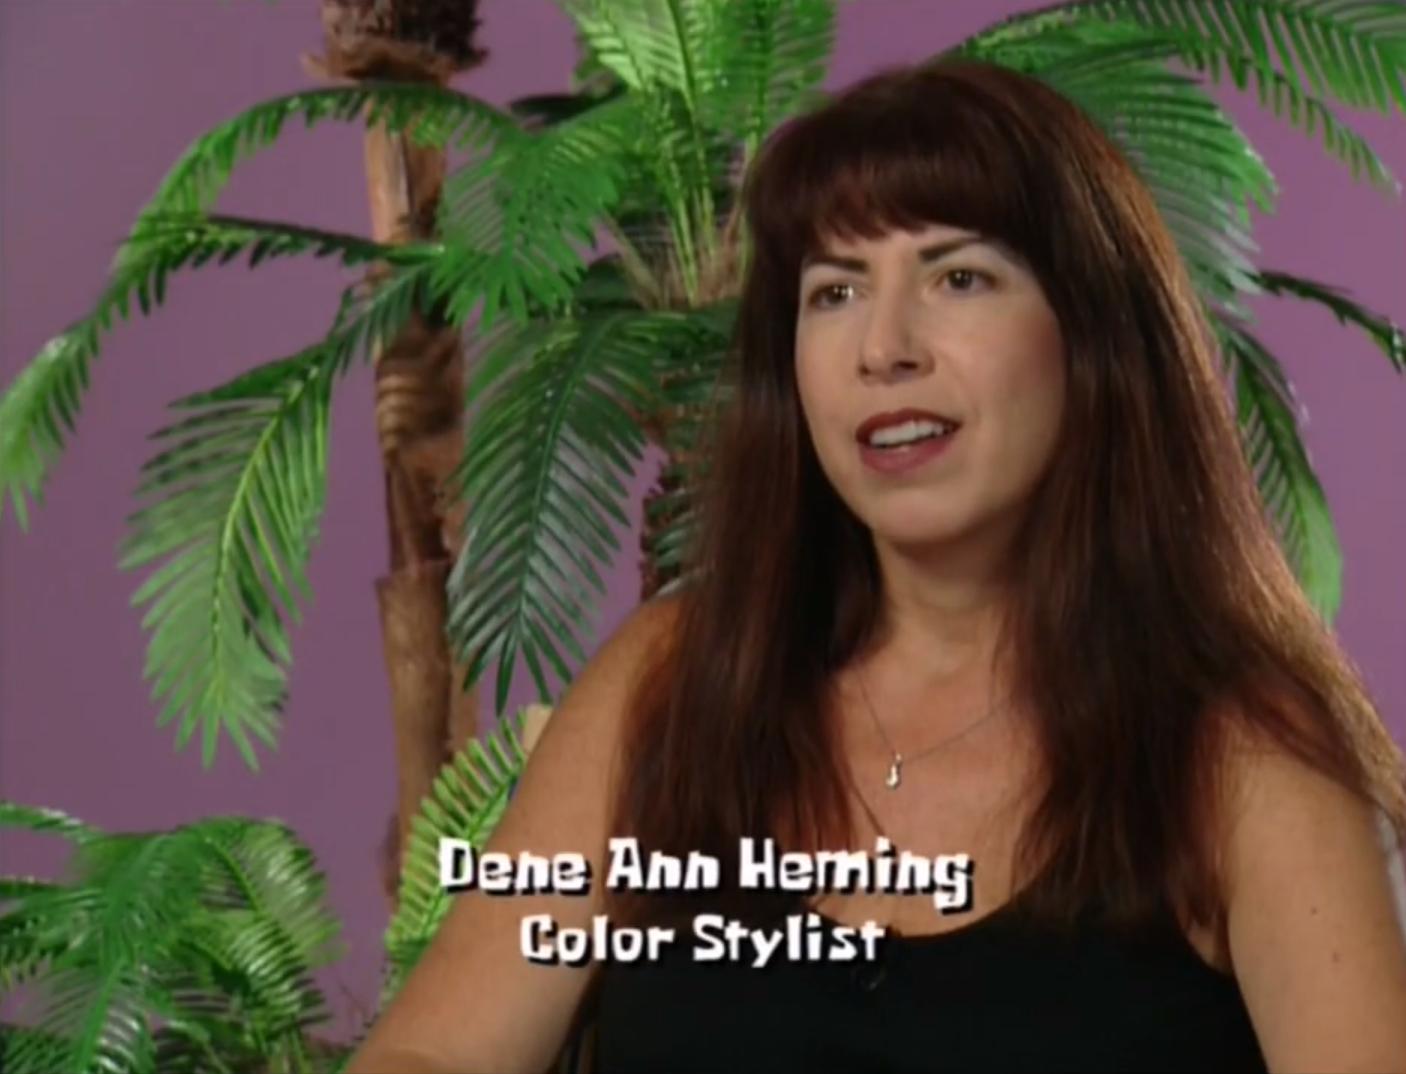 Dene Ann Heming